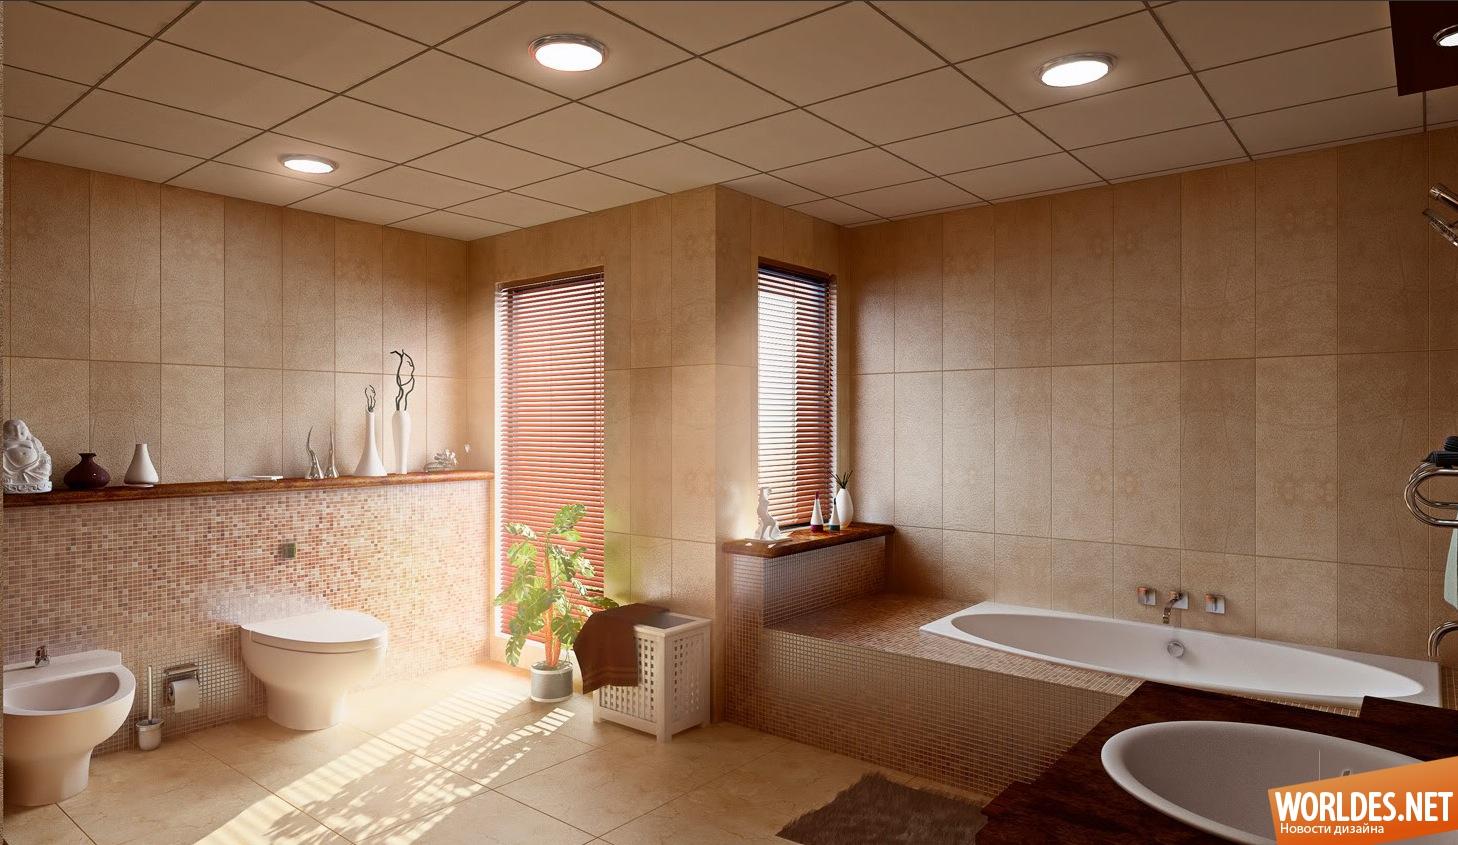 Плитка для прямоугольной ванной комнаты дизайн